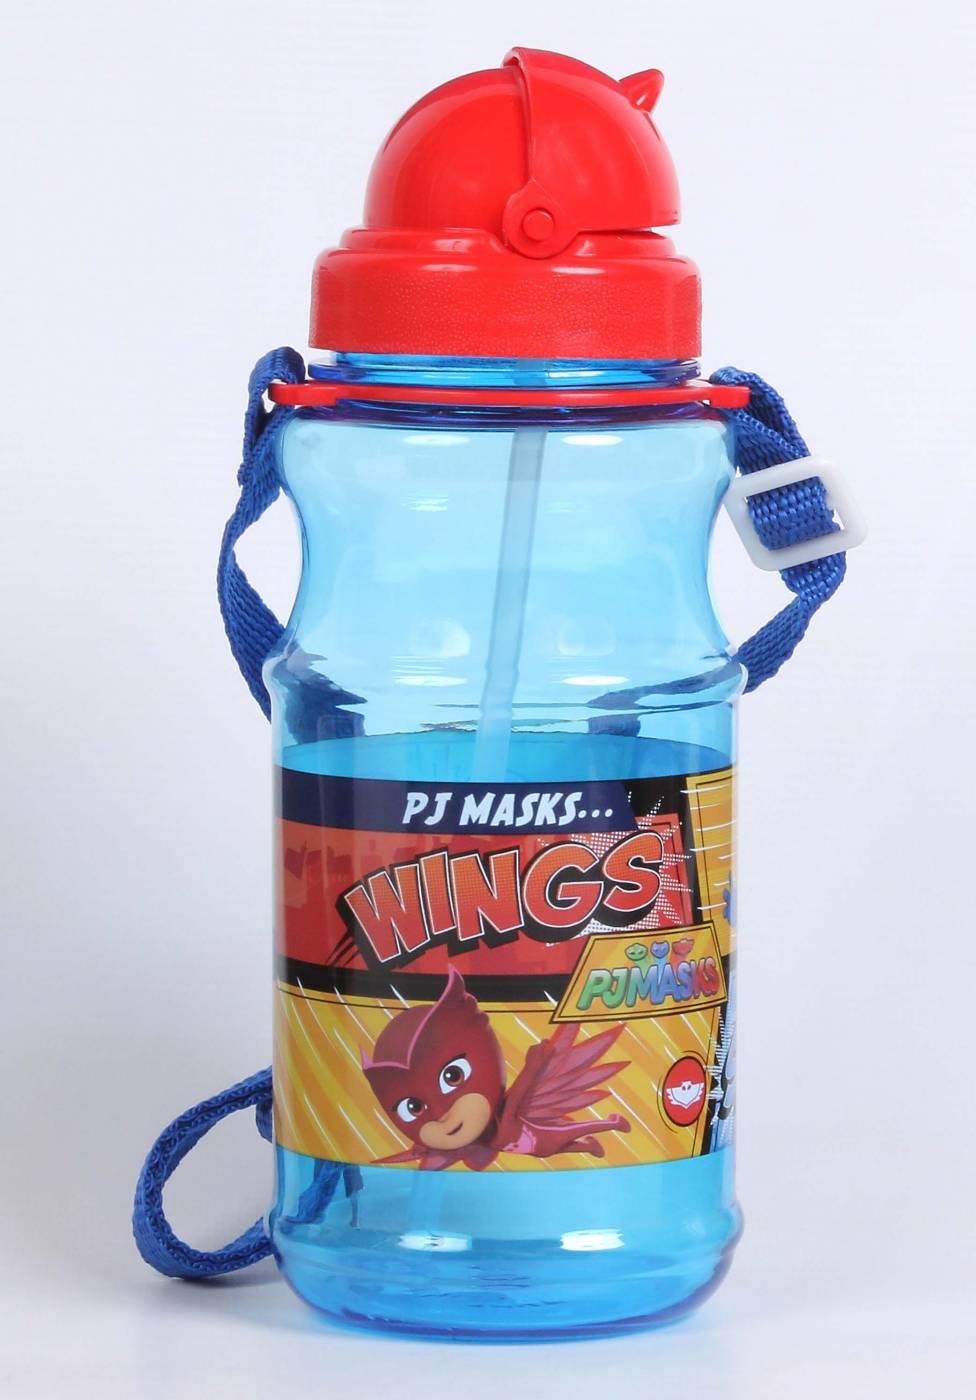 Cantil Plástico com Alça DMW PJ Masks 11175